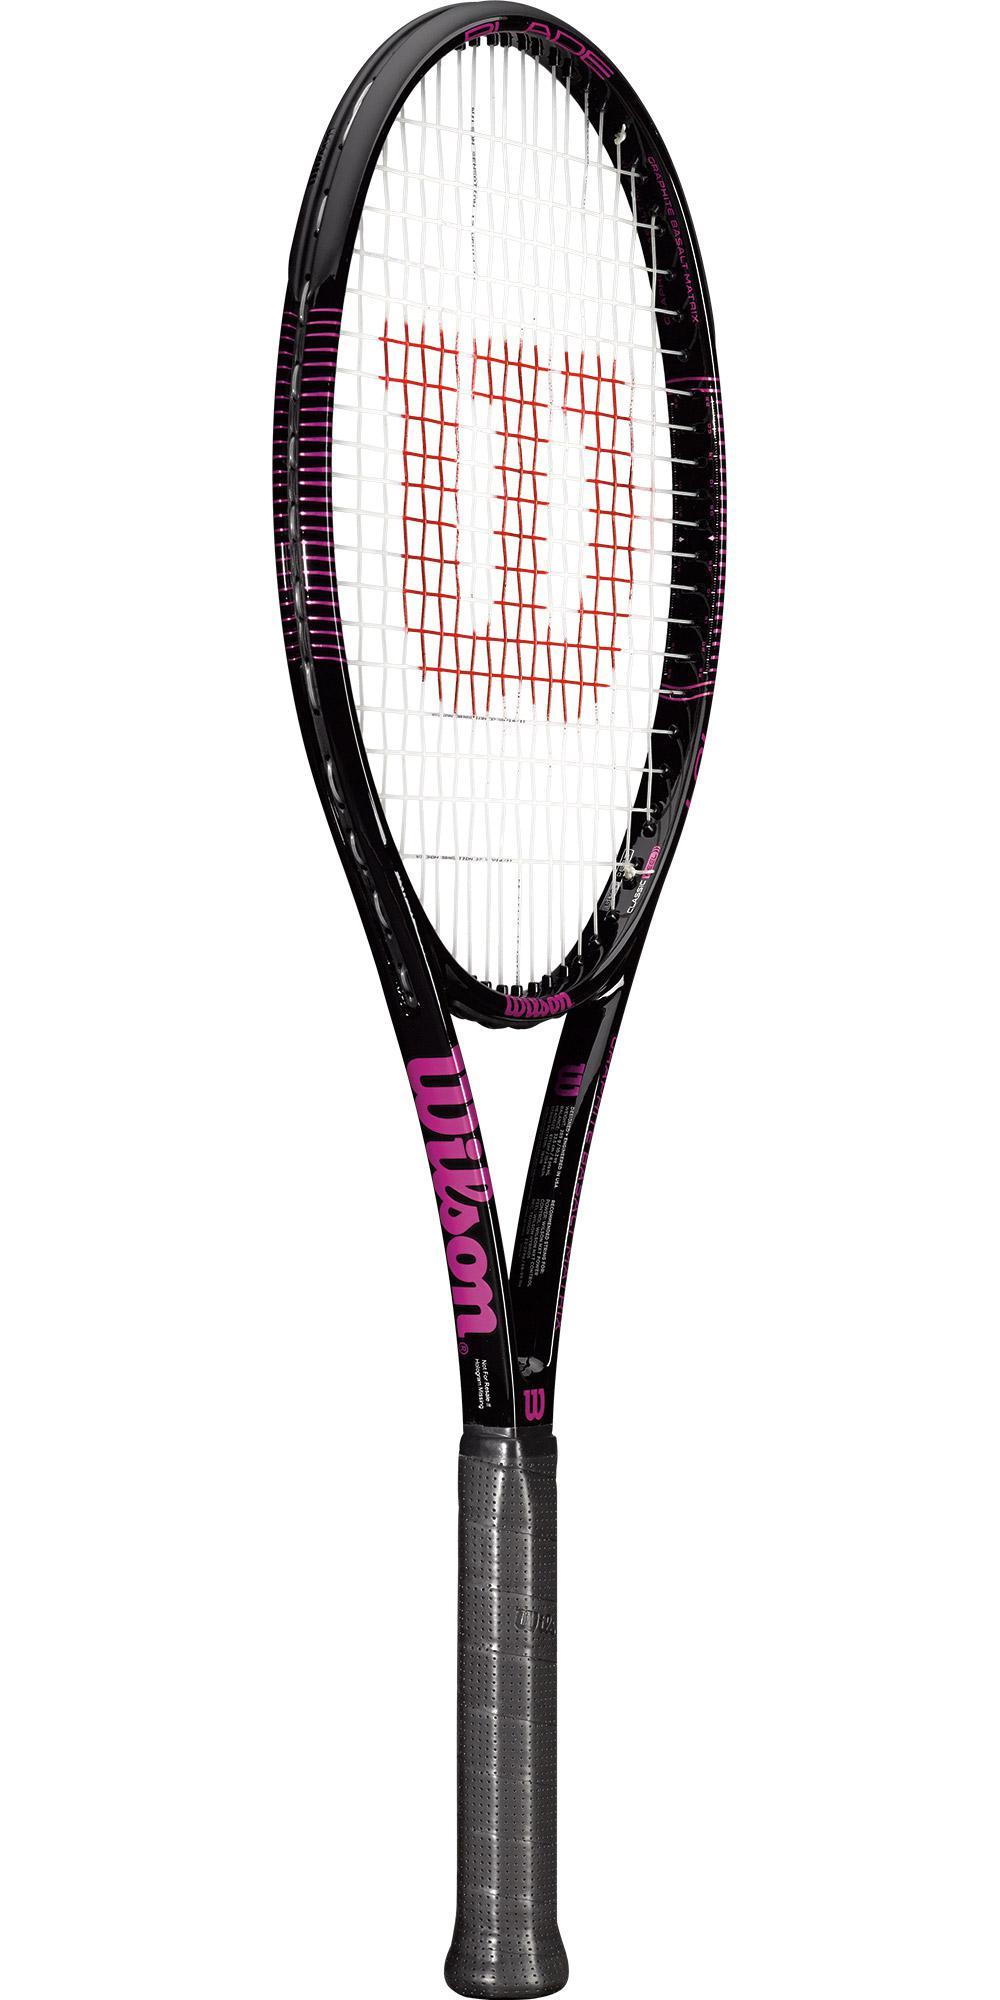 Wilson Blade 104 Pink G2